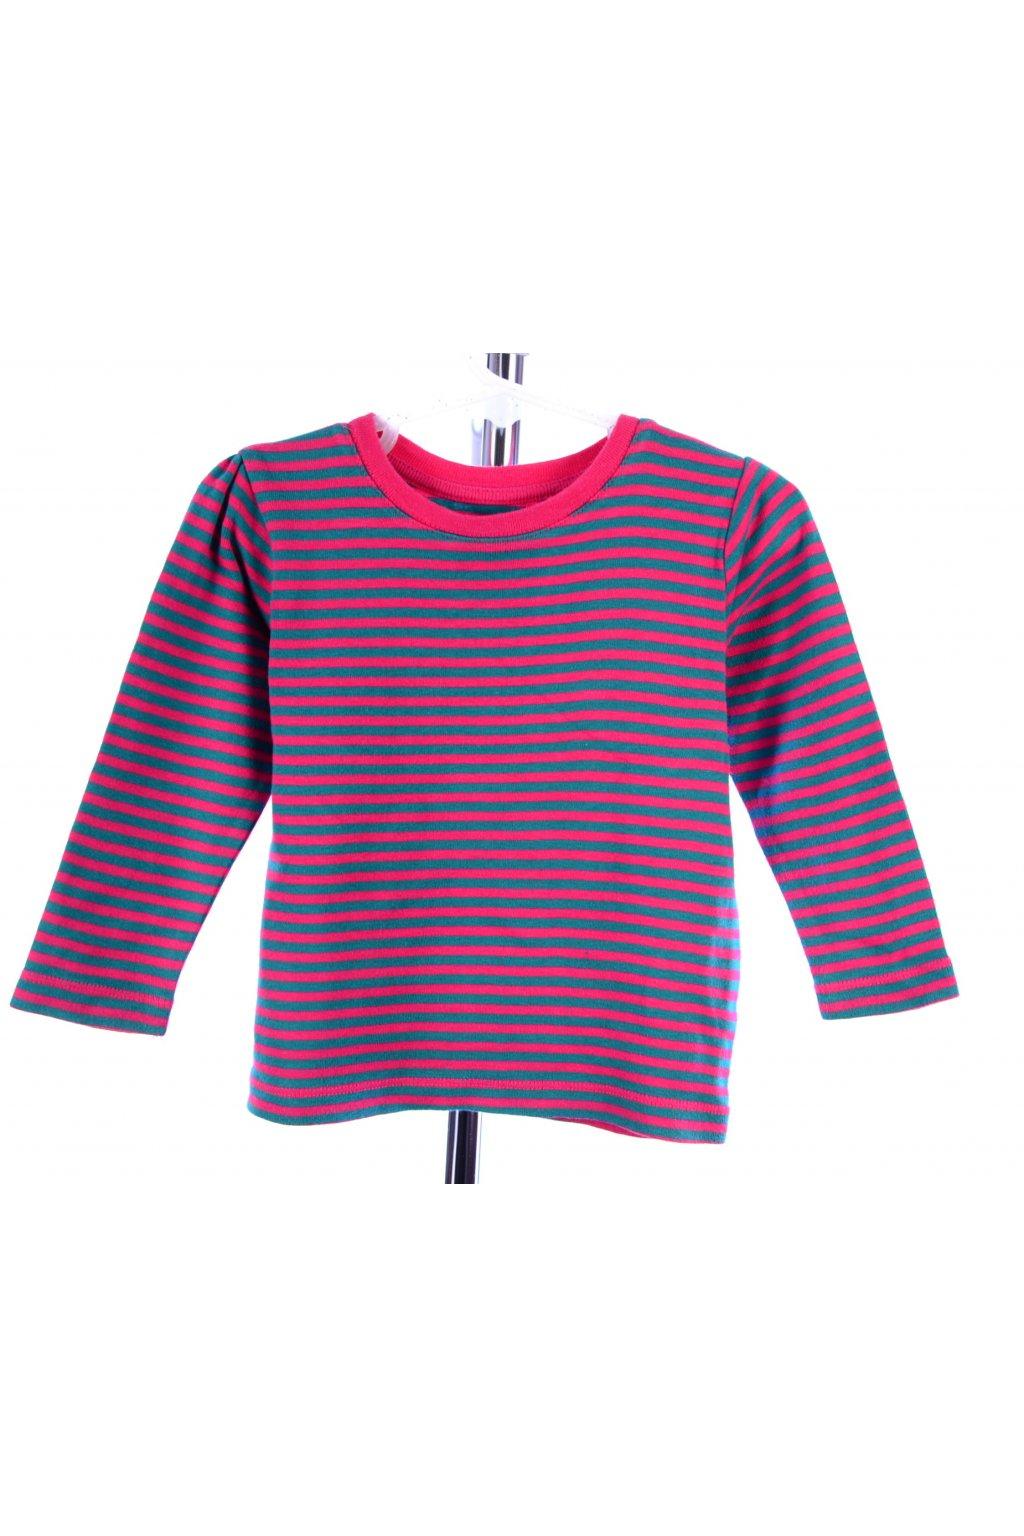 Tričko Esprit vel 80 růžový pruh